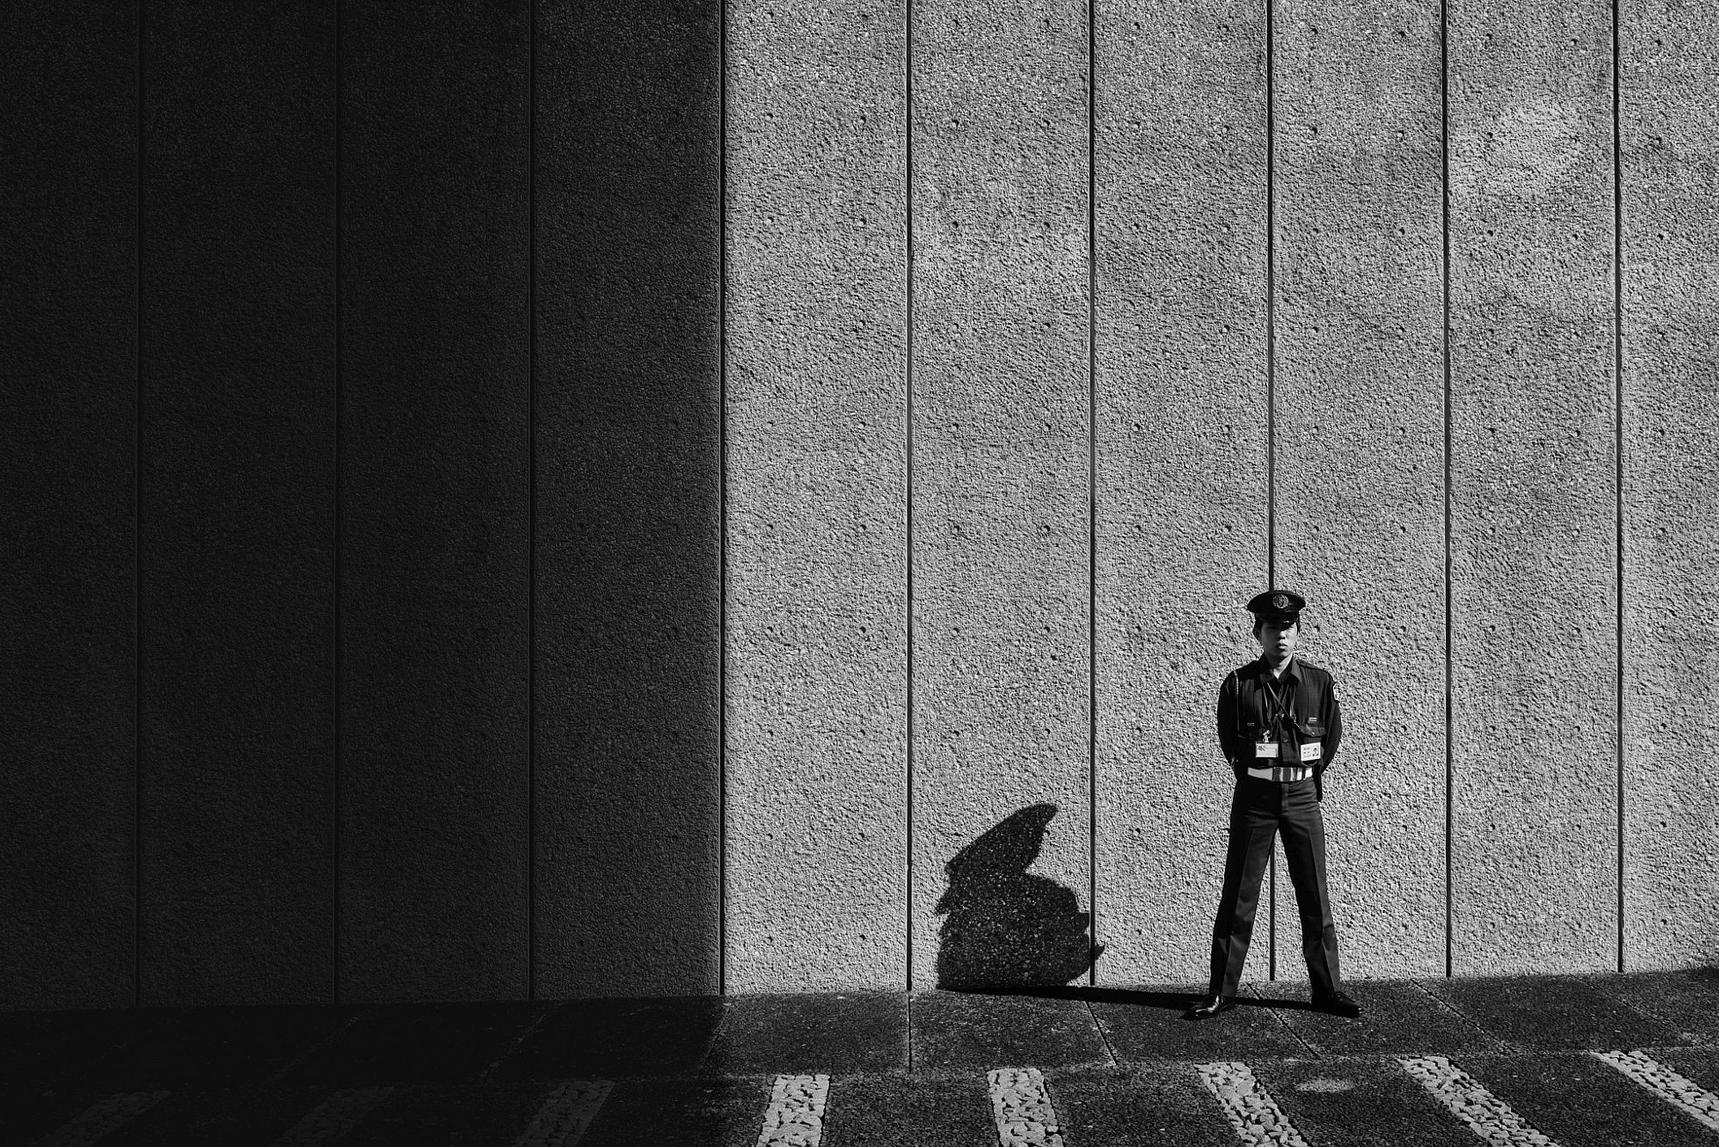 Policia de la ciudad de tokio fotografiado en blanco y negro